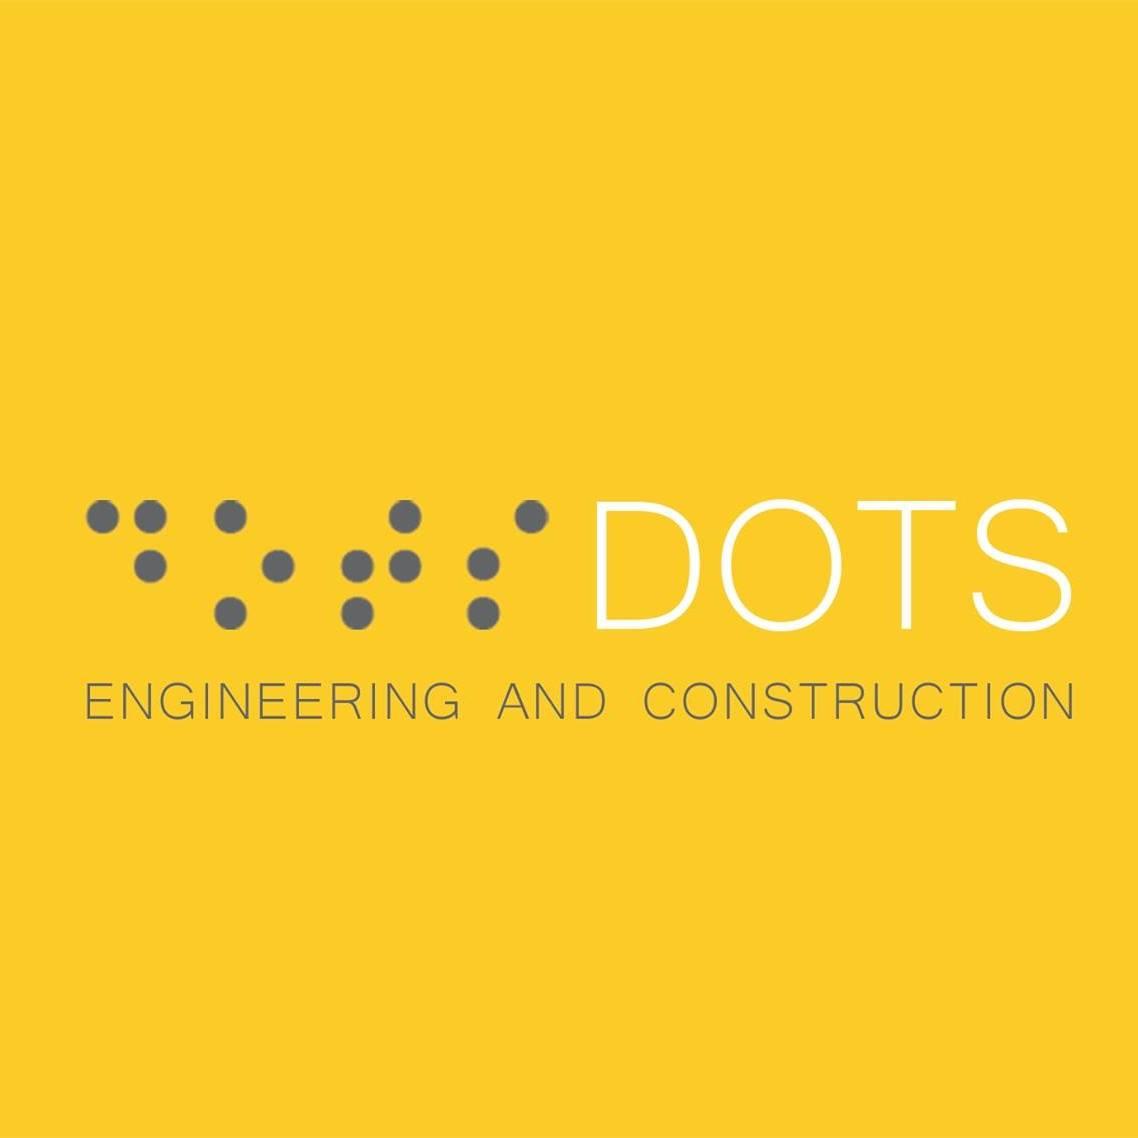 دوتس-DOTS sy